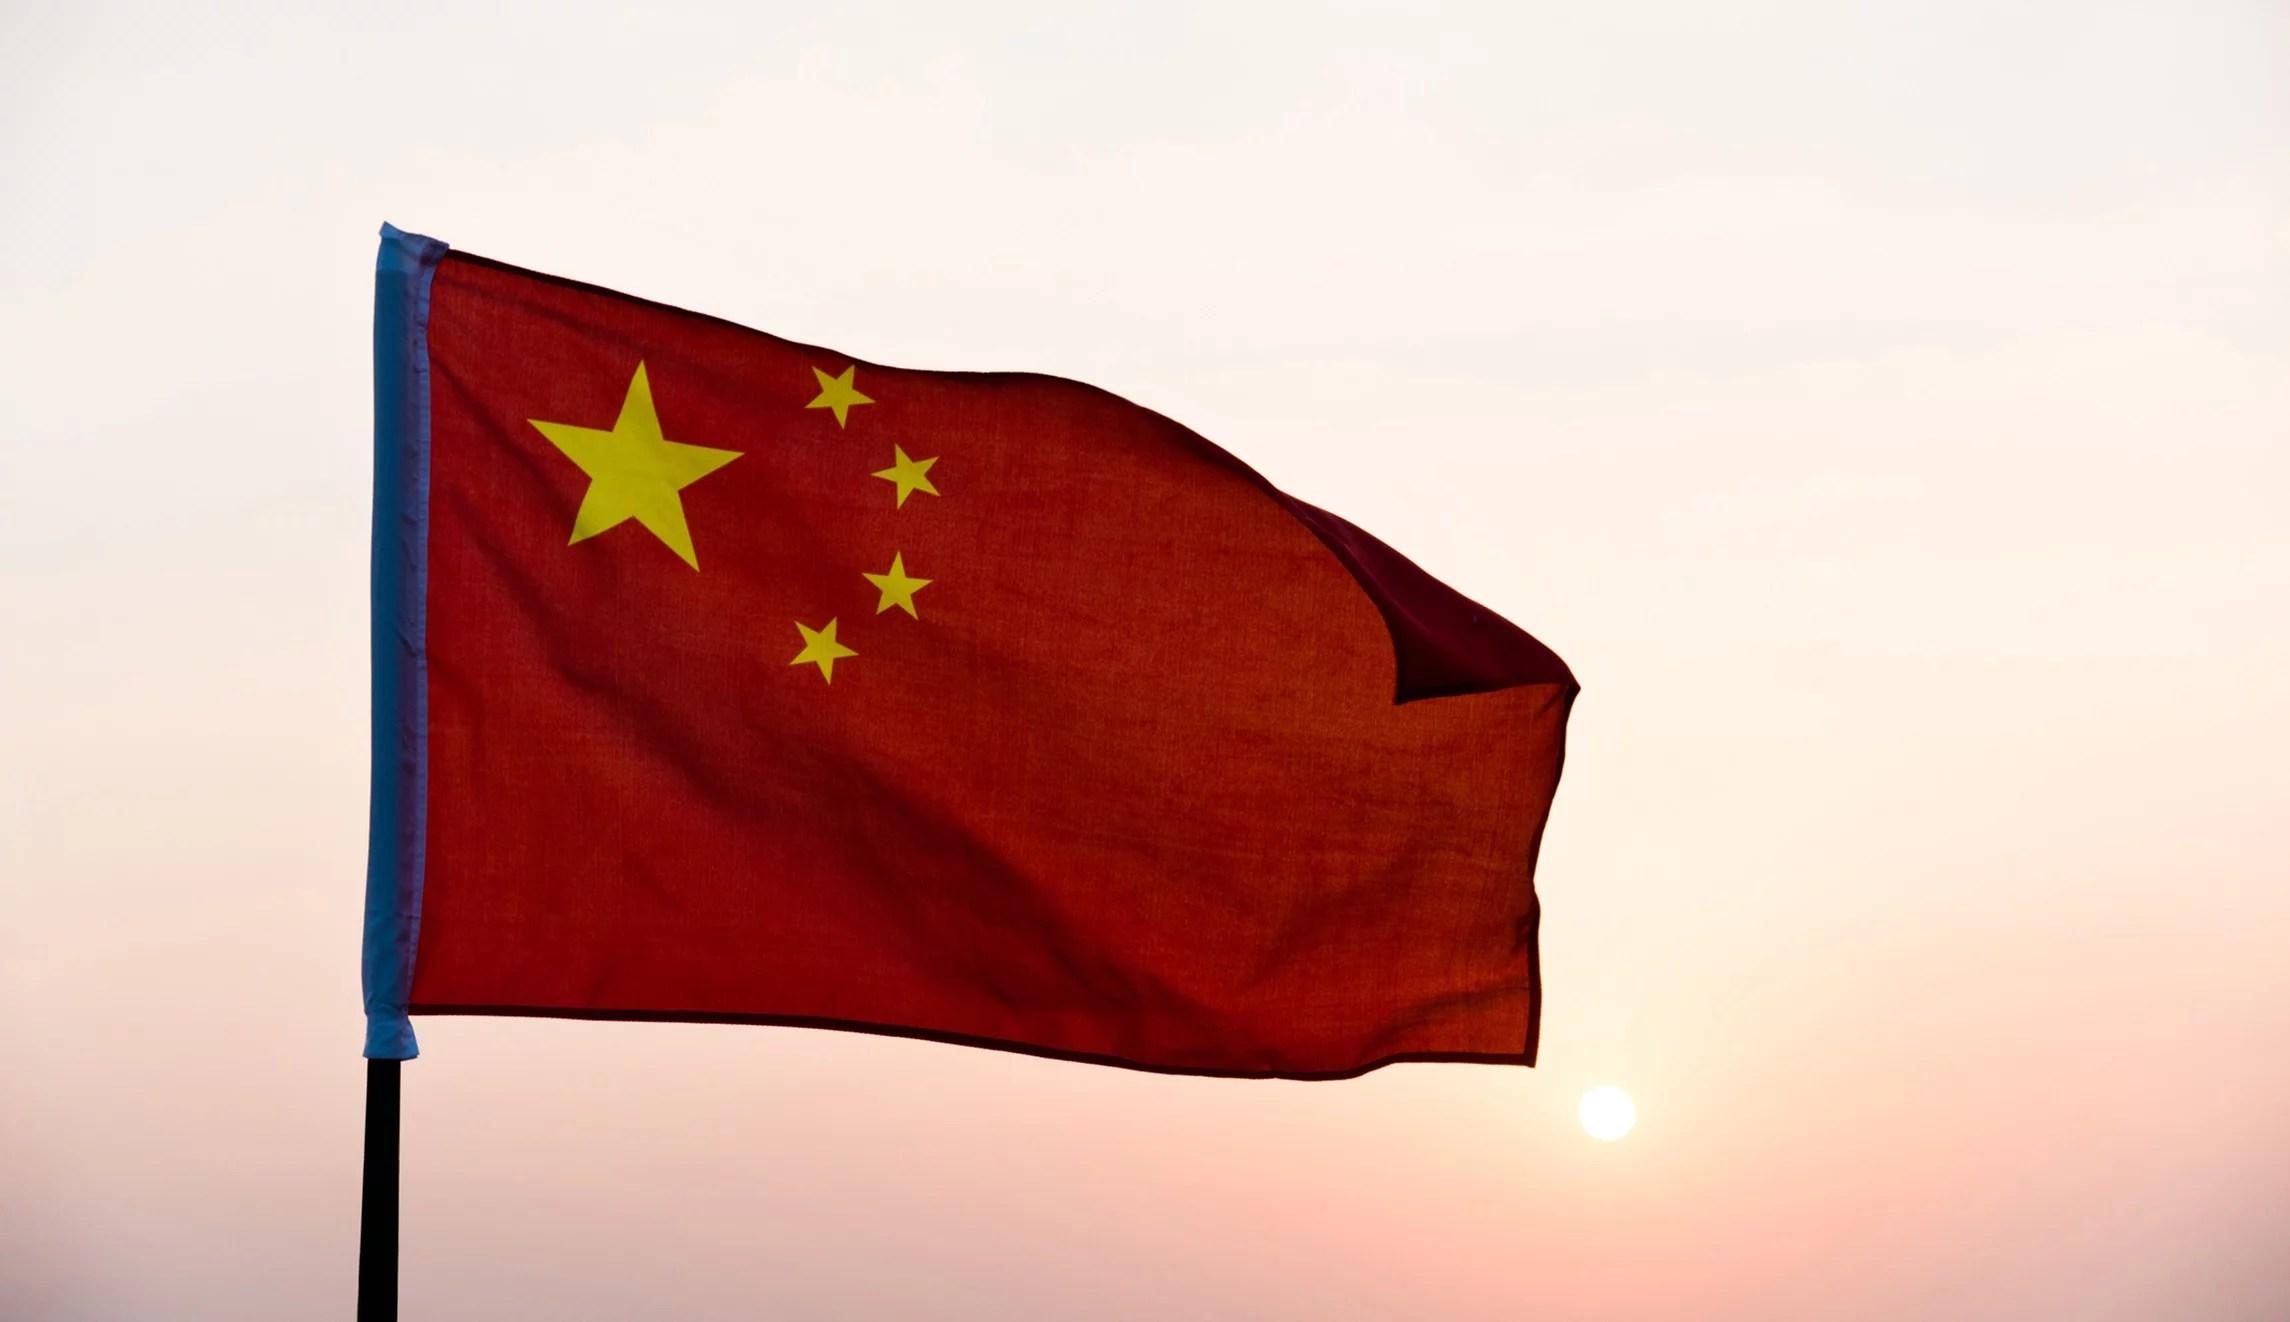 Banco Popular de China publica reglas de evaluación para firmas con aplicaciones financieras basadas en blockchain